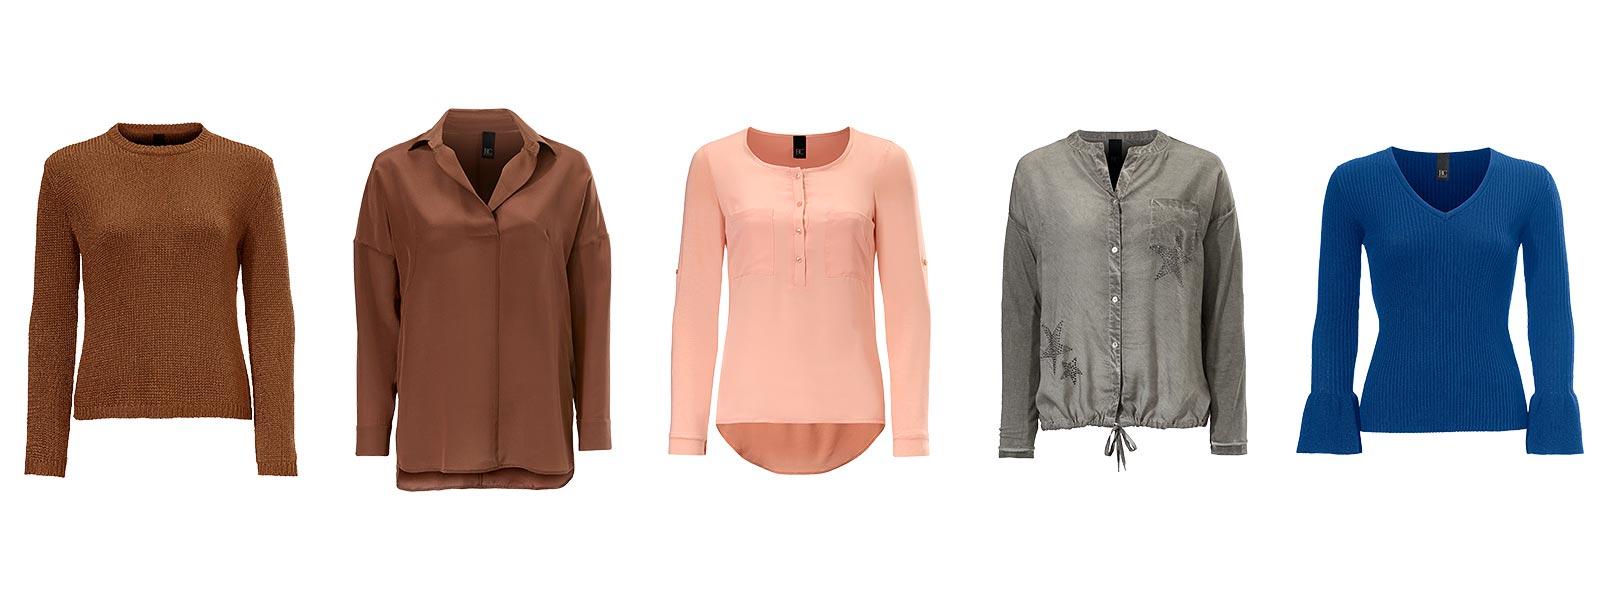 Kleidung/Farbberatung Herbsttyp